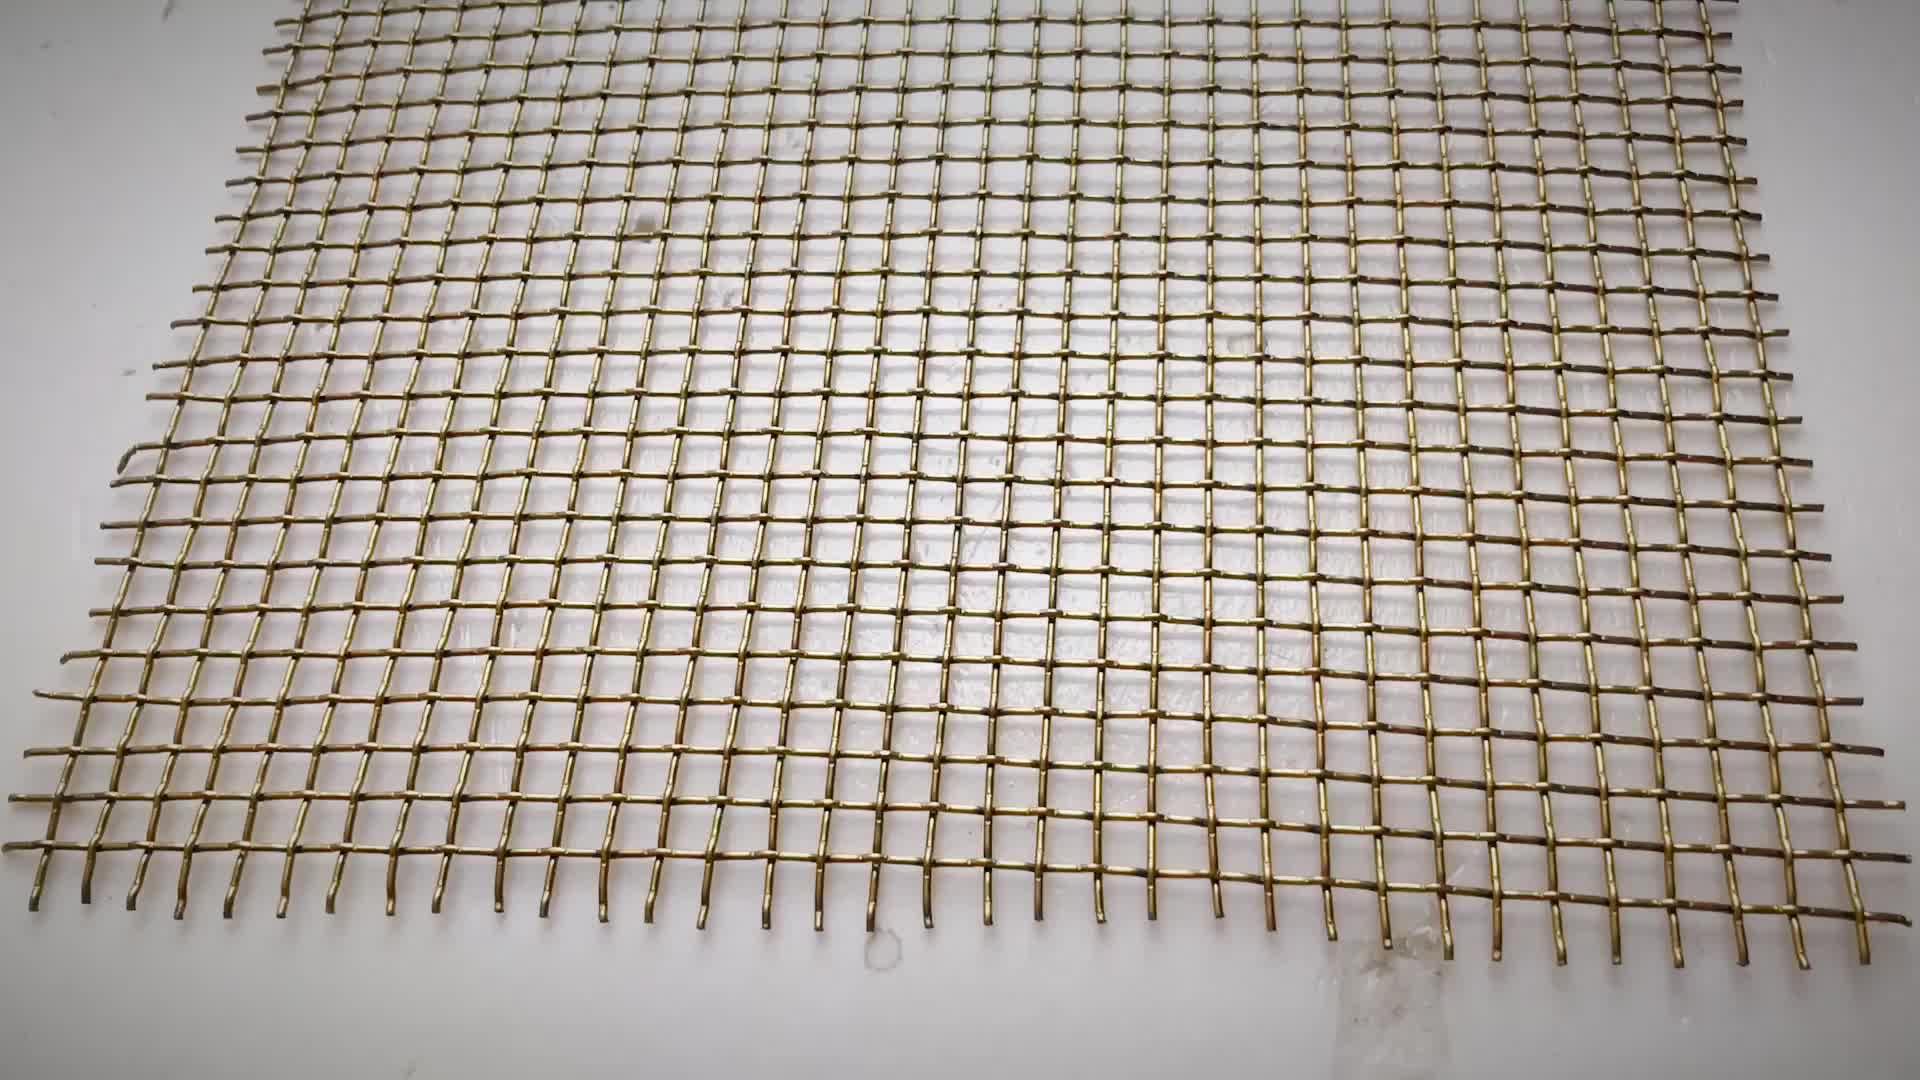 PVD Foro Quadrato Inflessibile di Tenda del Metallo Disegno Della Maglia/Interni di Costruzione di Pareti Decorativi In Metallo Maglia